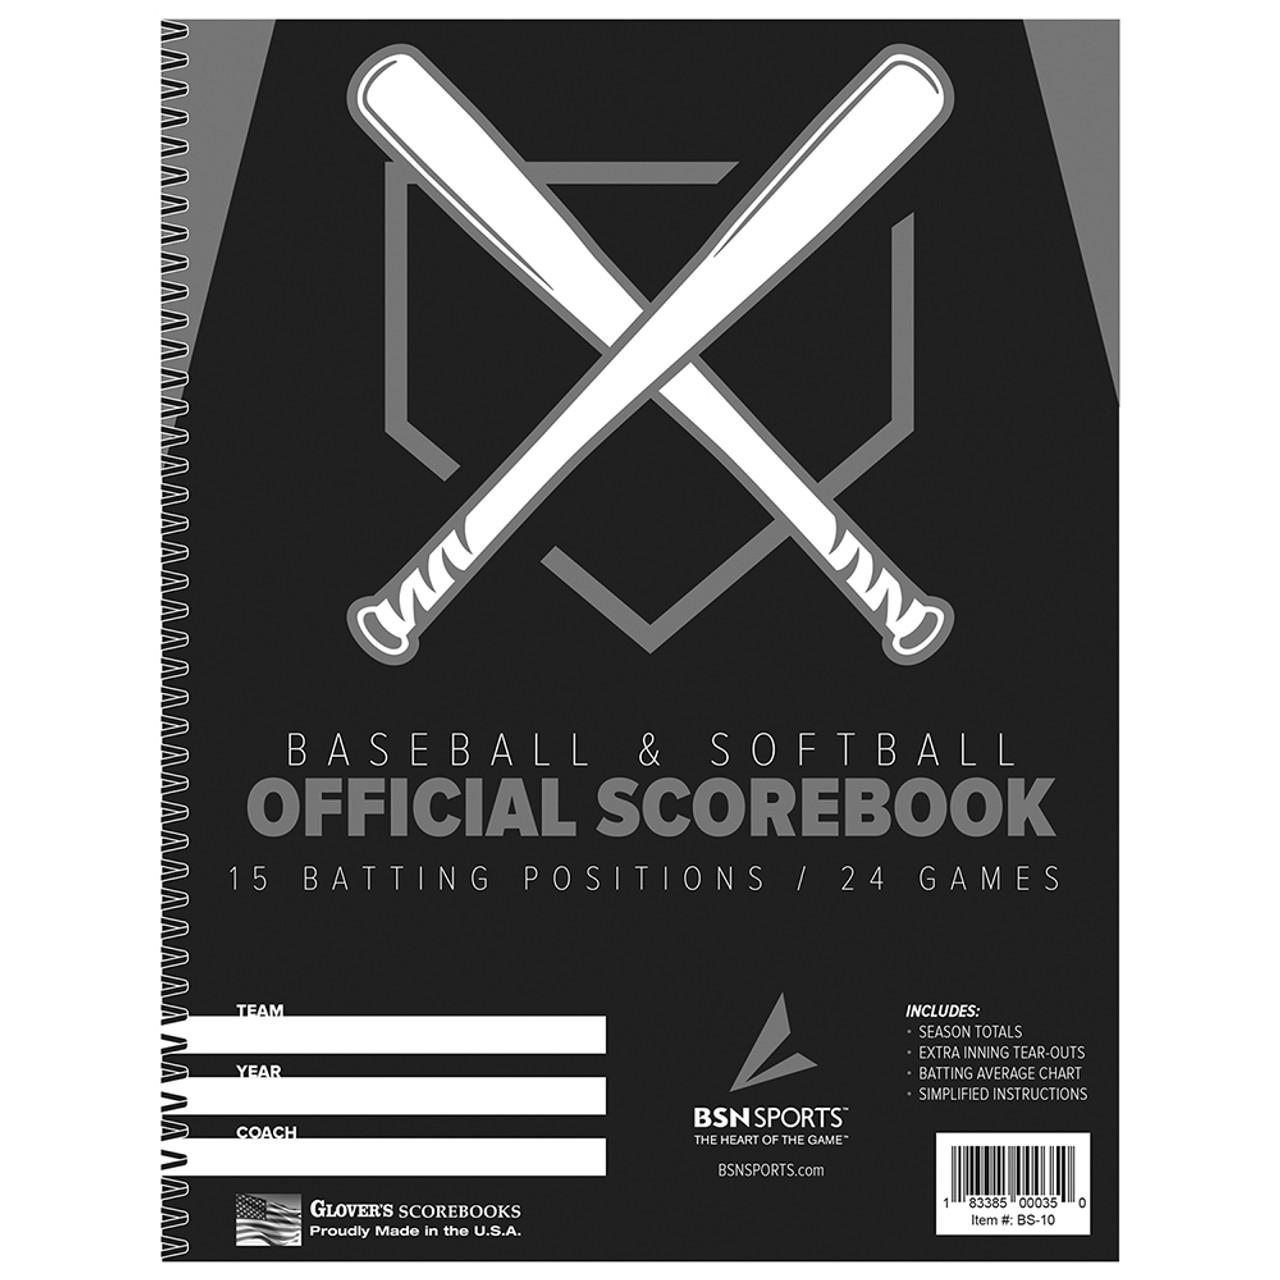 Baseball and softball scorebook